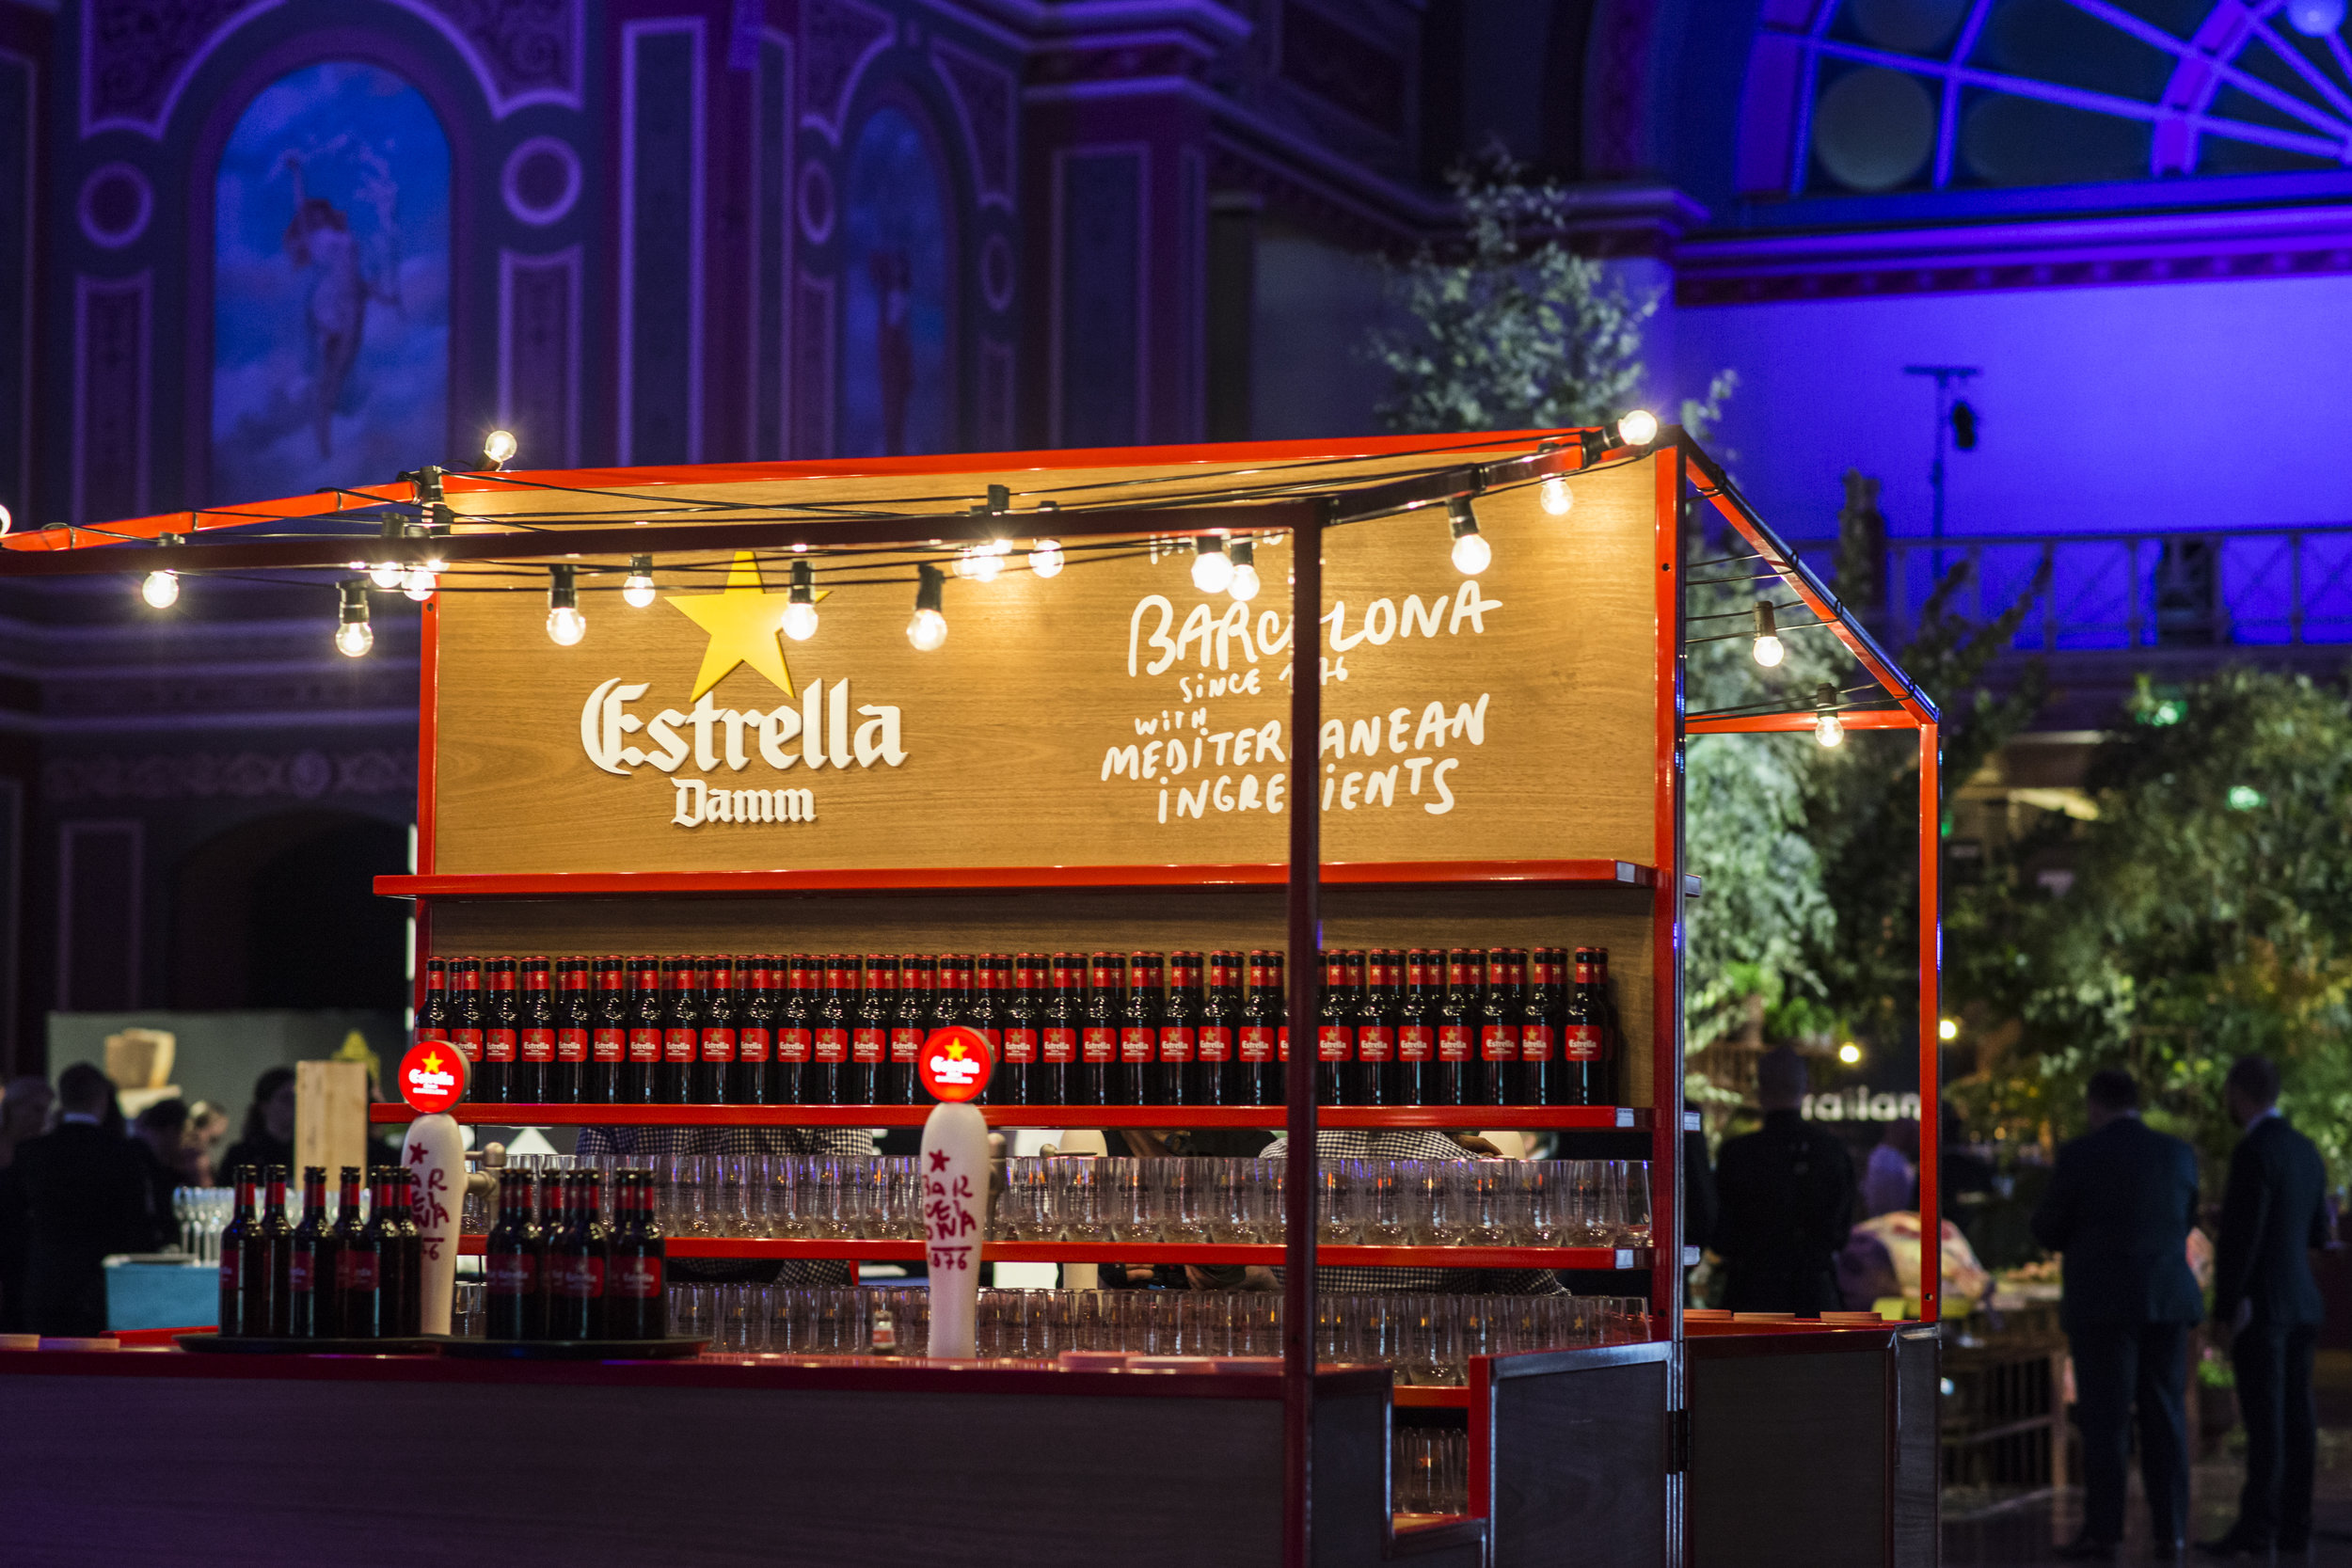 ASAHI PREMIUM BEVERAGES - Estrella Damm Gastronomy Congress